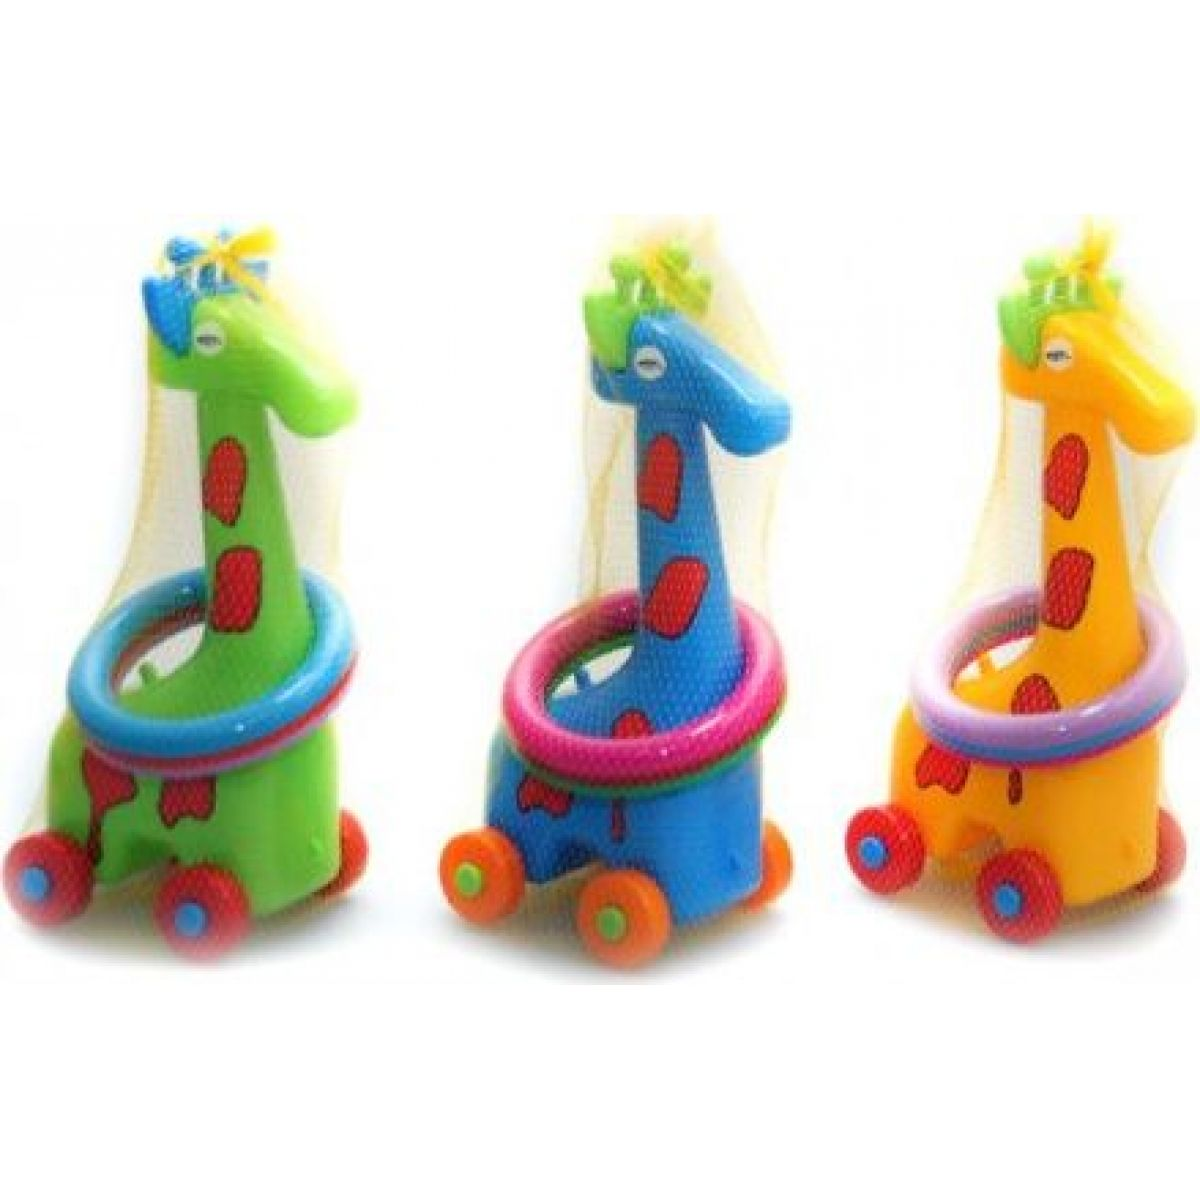 Toy Žirafa plastová s kroužky na kolečkách - modrá